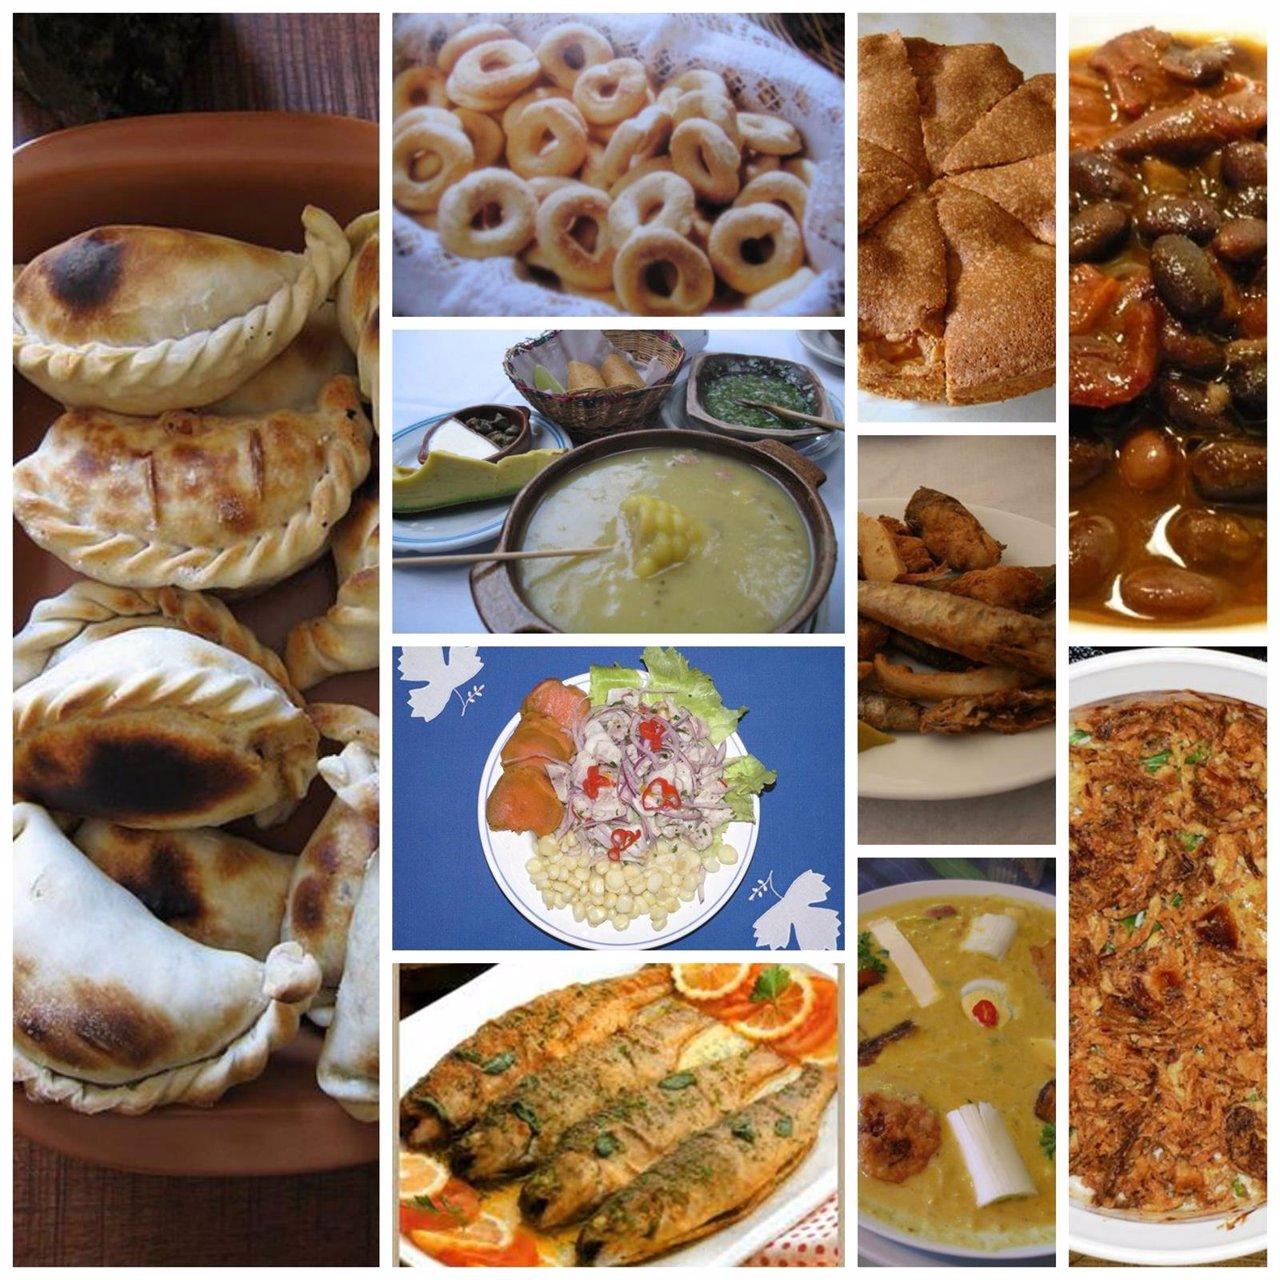 Platos De Semana Santa Of Los Platos T Picos En La Semana Santa De Iberoam Rica